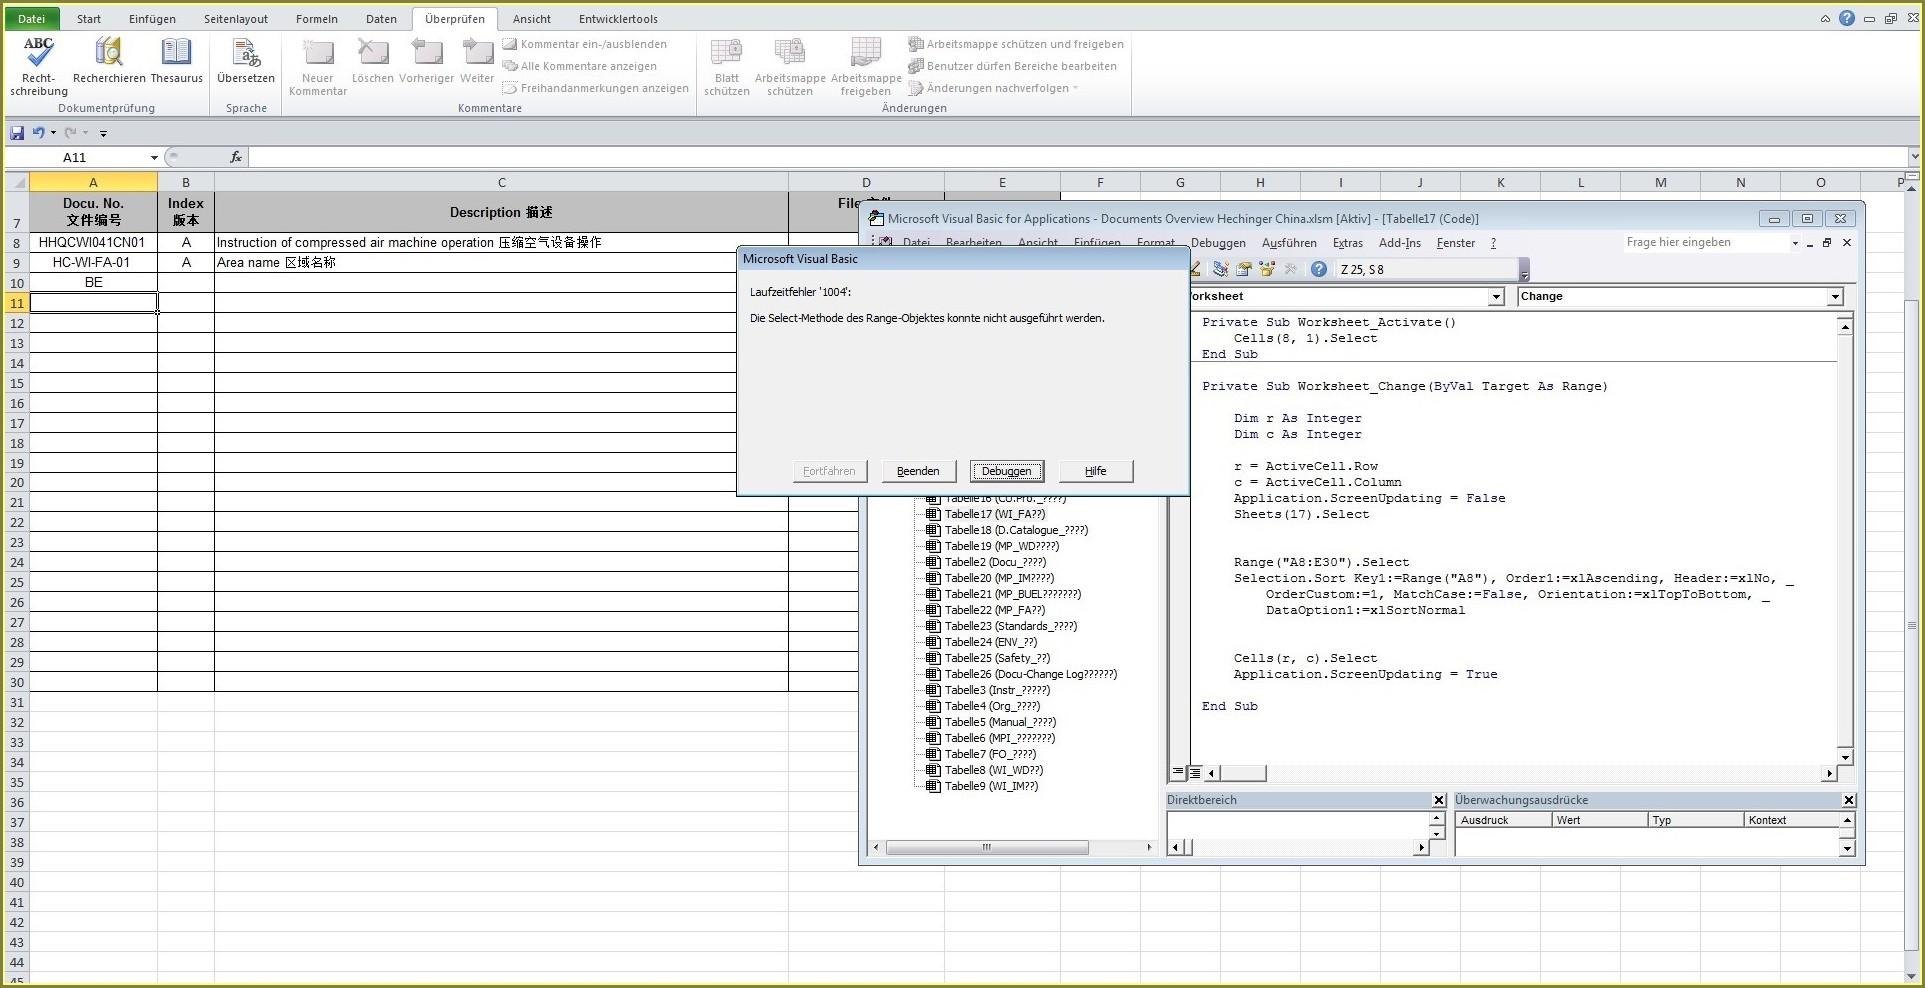 Excel Vba Sort Order